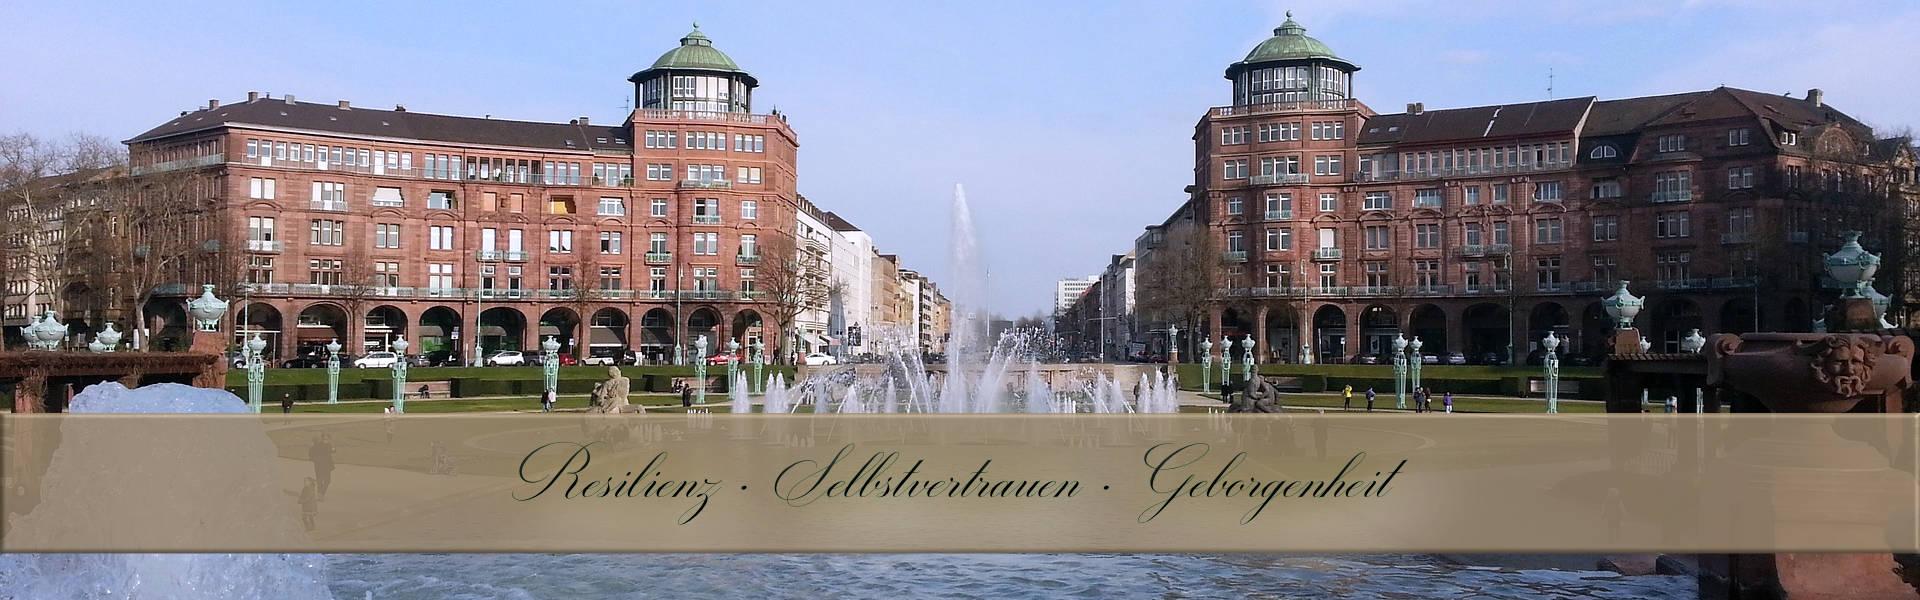 Hypnose Mannheim, Wasserspiele am Wasserturm